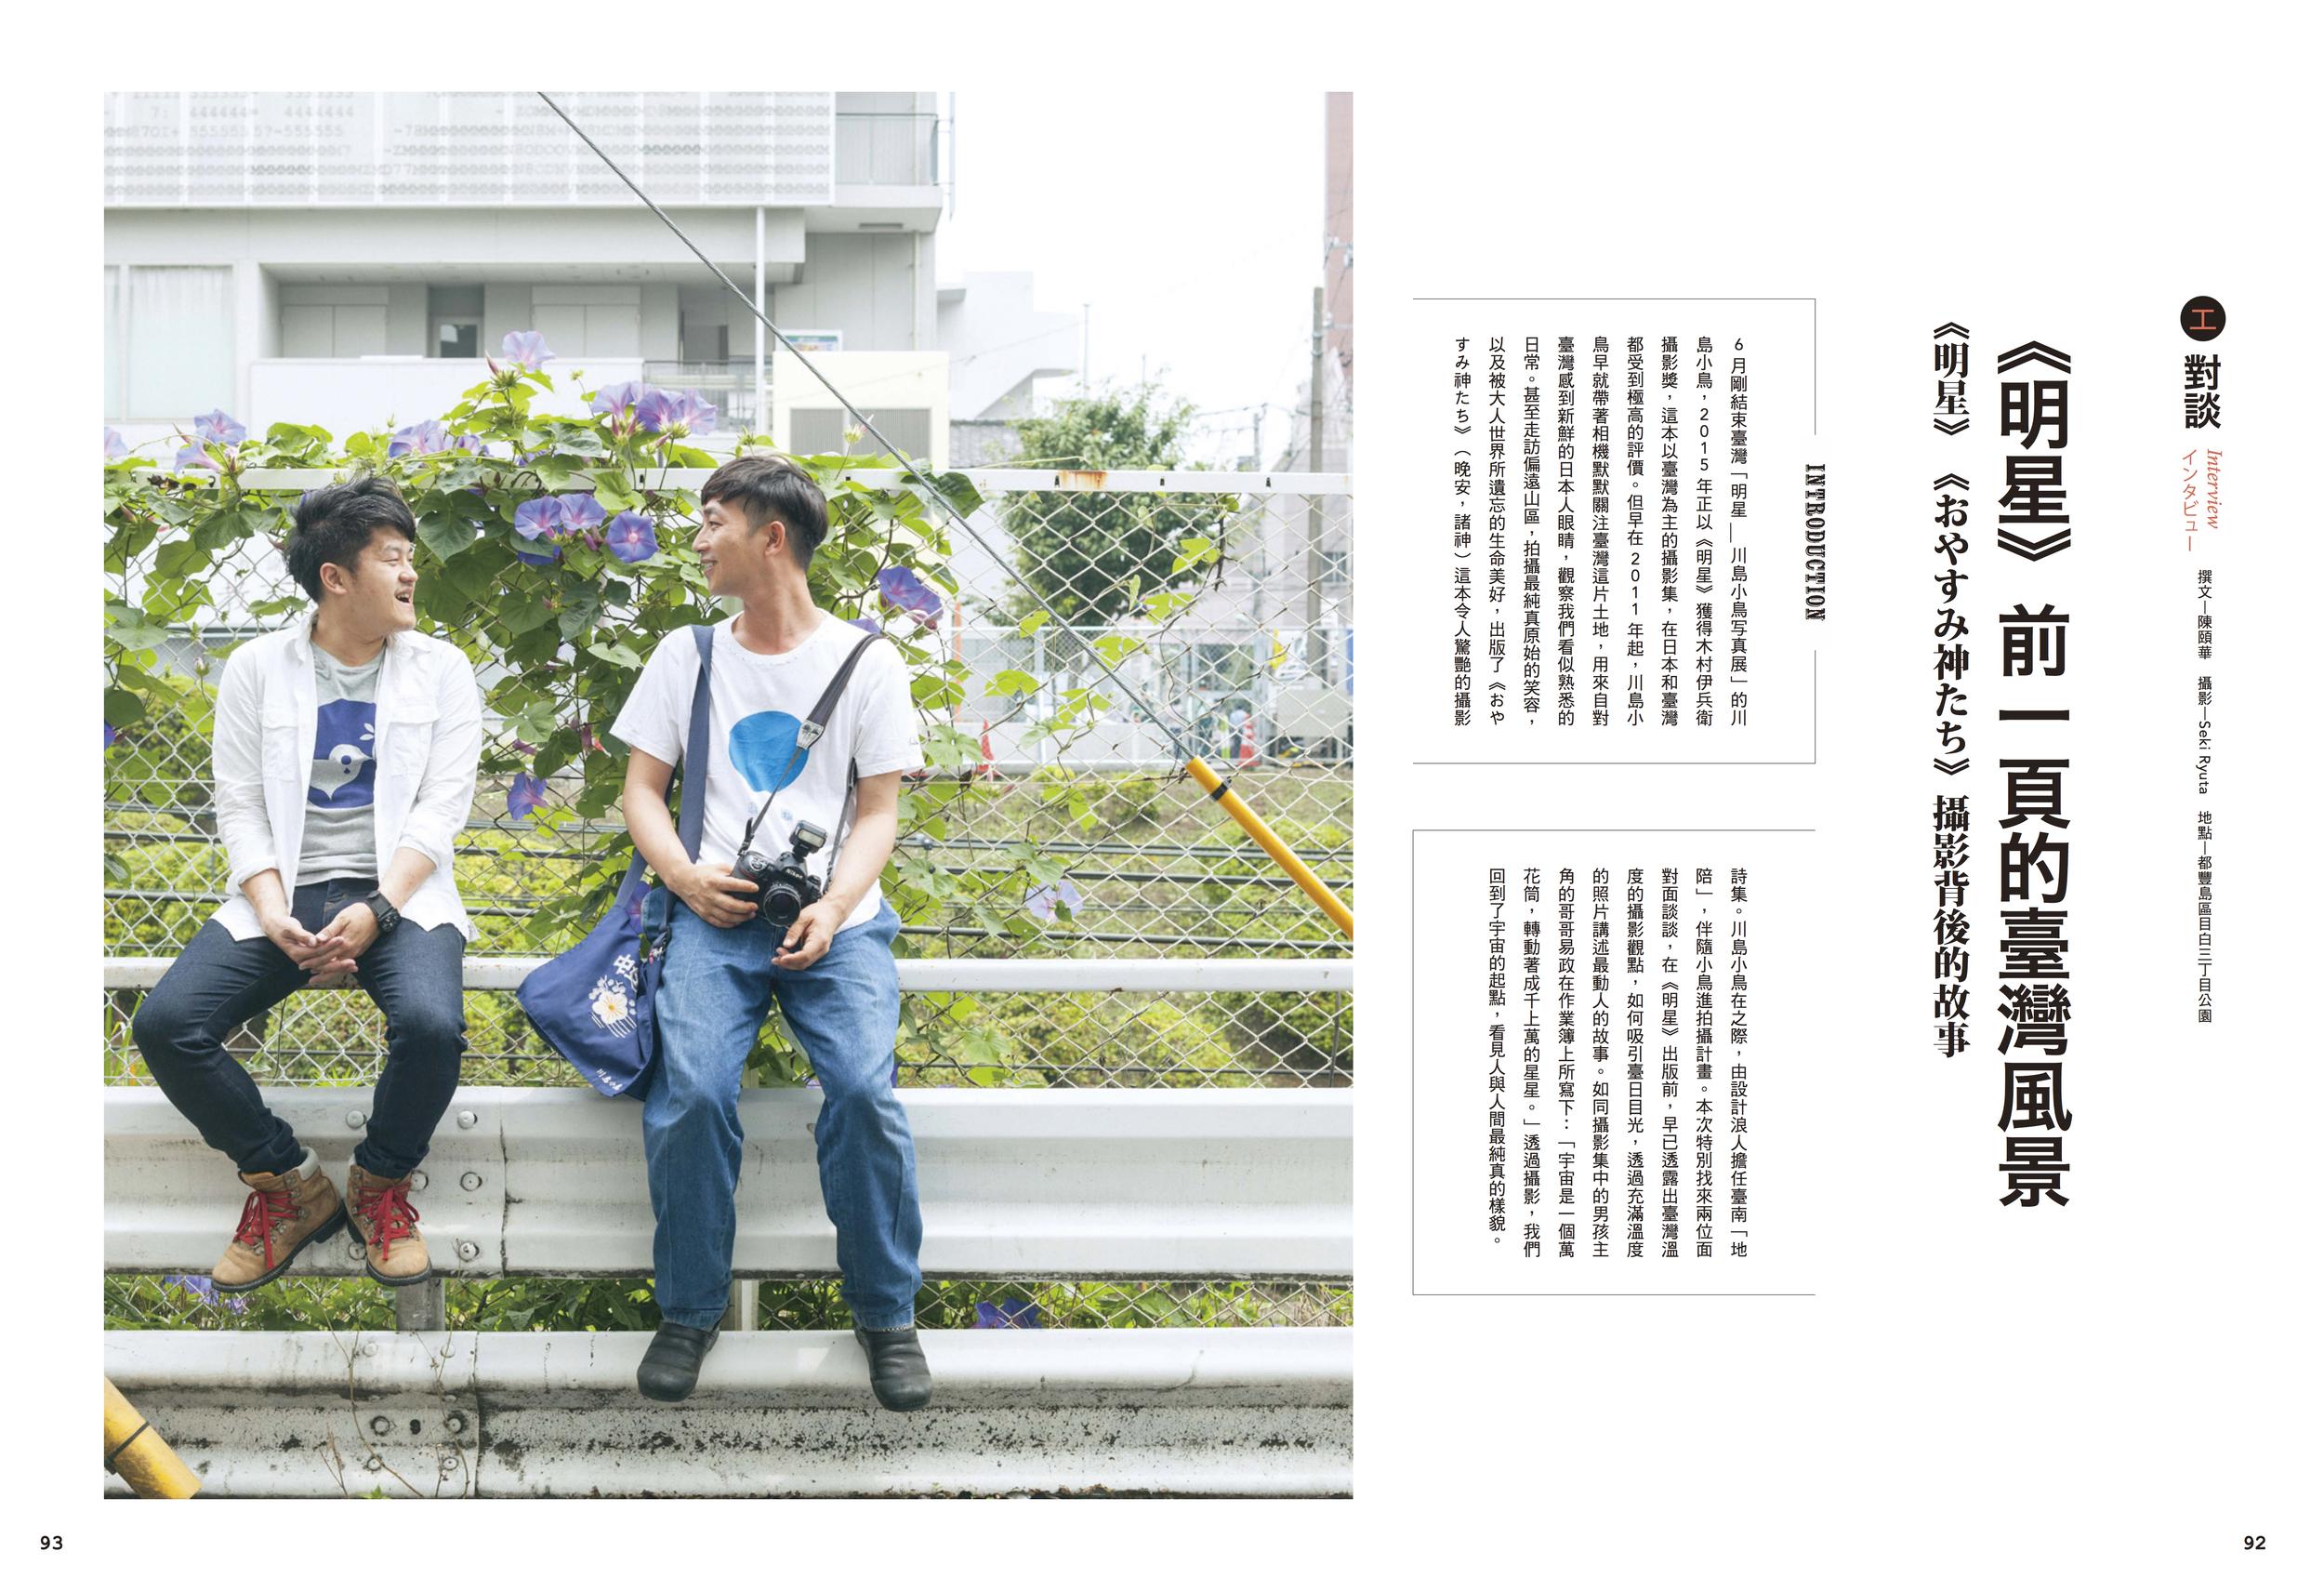 對談:《明星》前一頁的臺灣風景